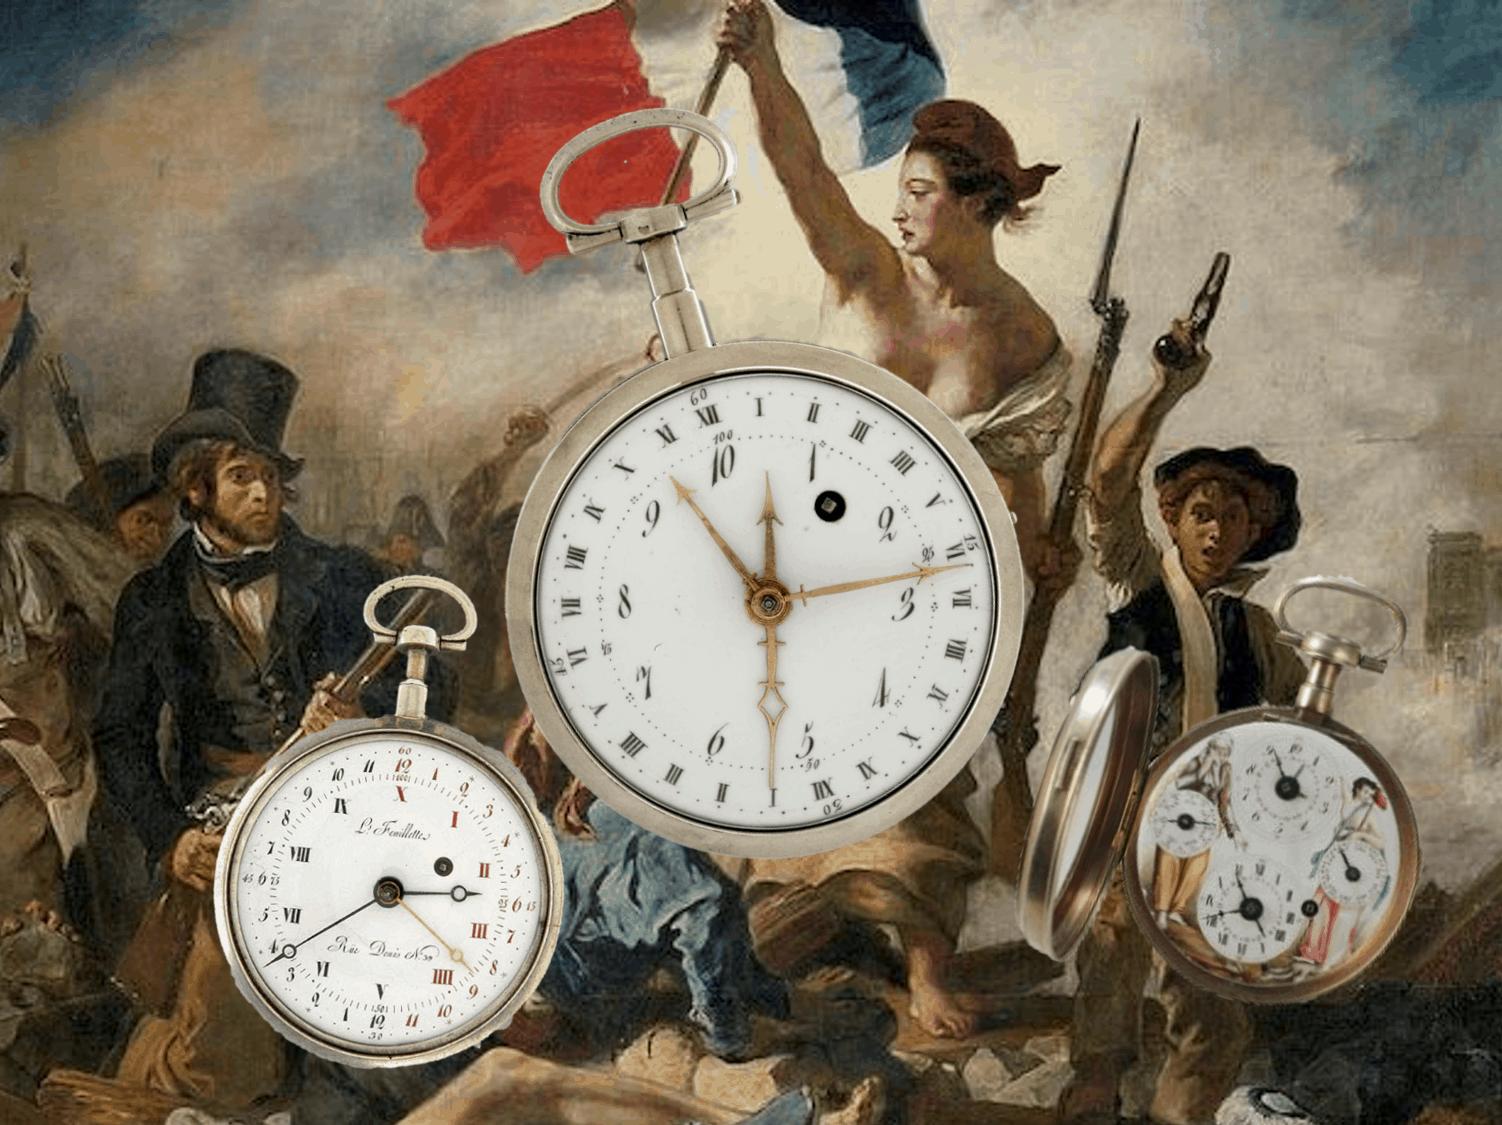 Revolutionäre 10-Stunden Uhren zur Zeit der französischen Revolution